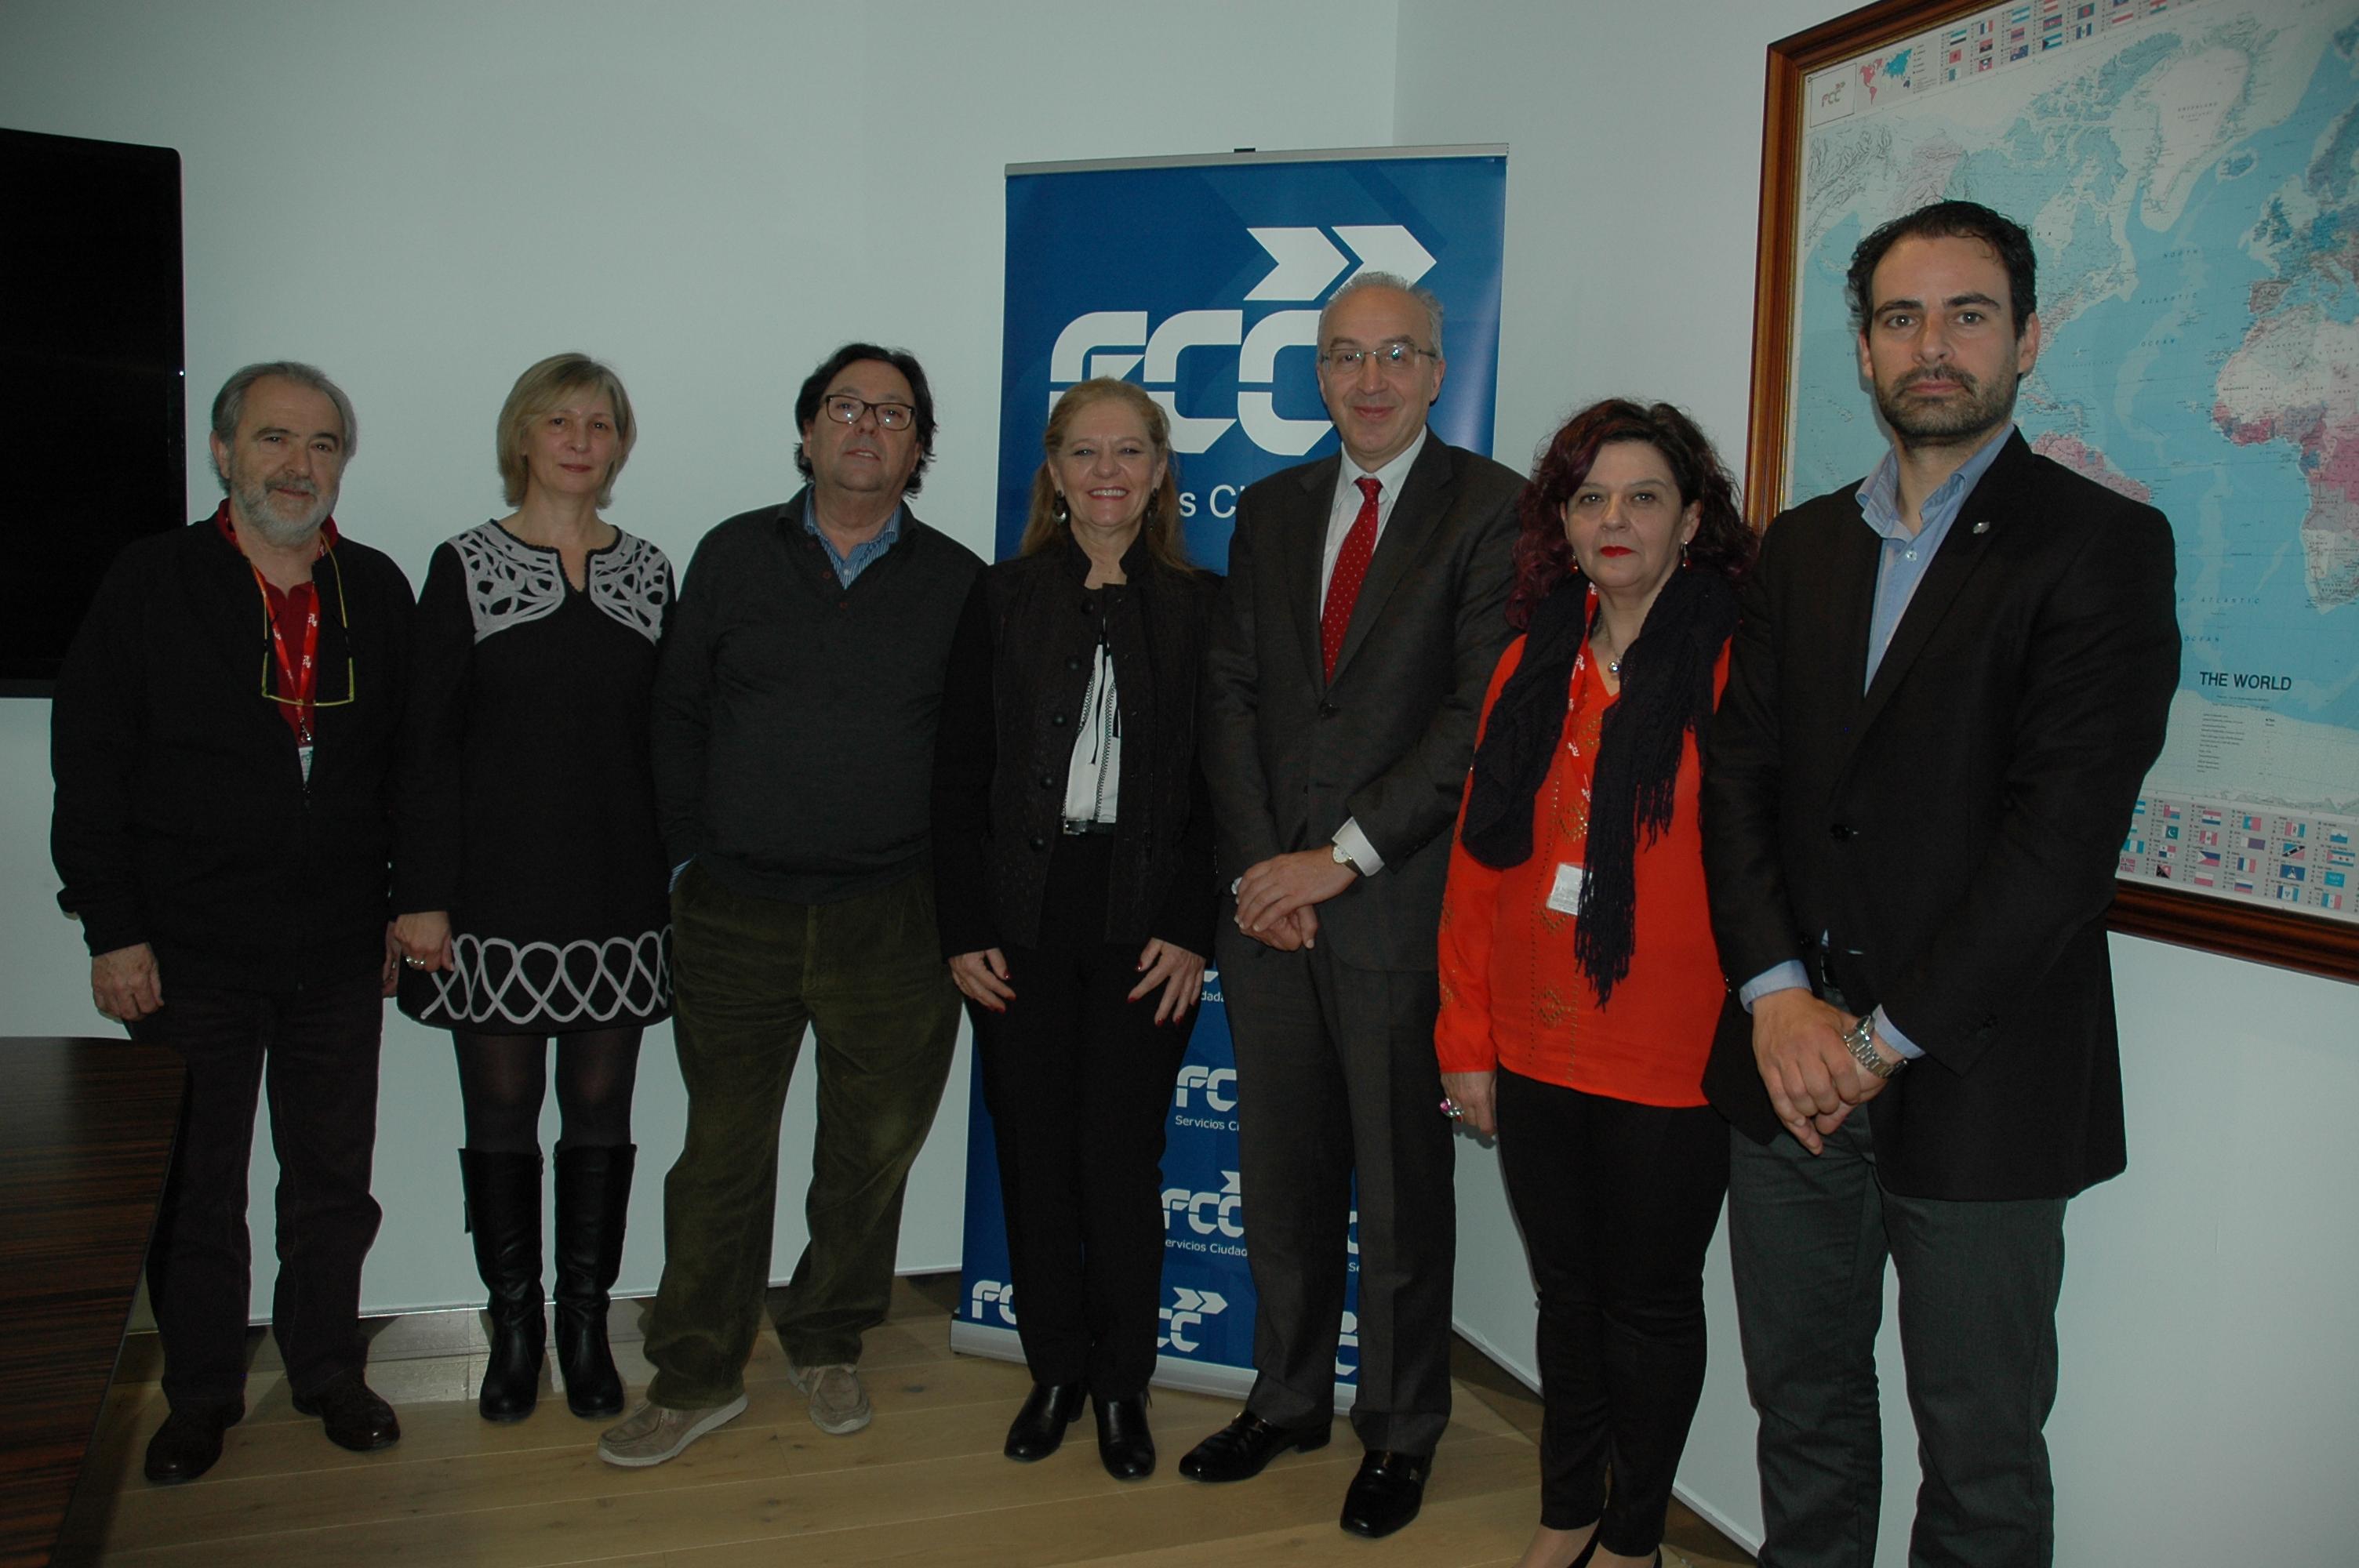 Convenio oficinas y despachos 2016 madrid firmada la for Convenio oficinas y despachos comunidad de madrid